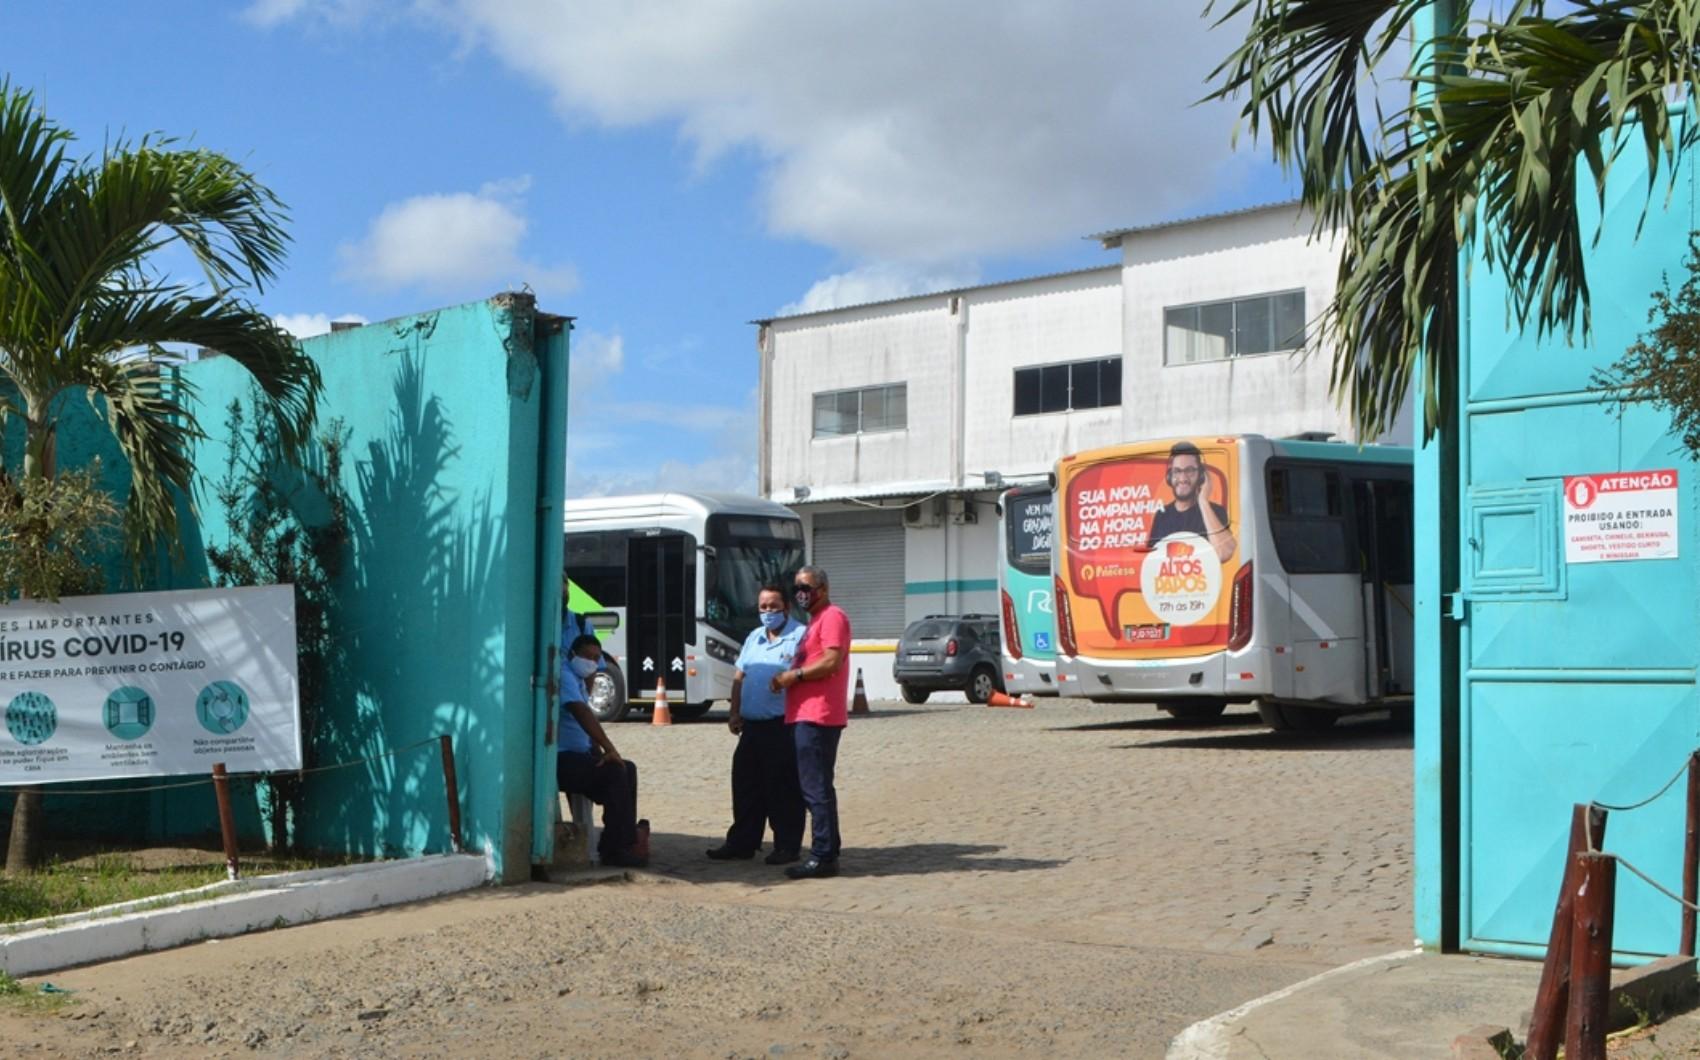 Prefeitura de Feira de Santana decreta situação de emergência no serviço de transporte público; entenda